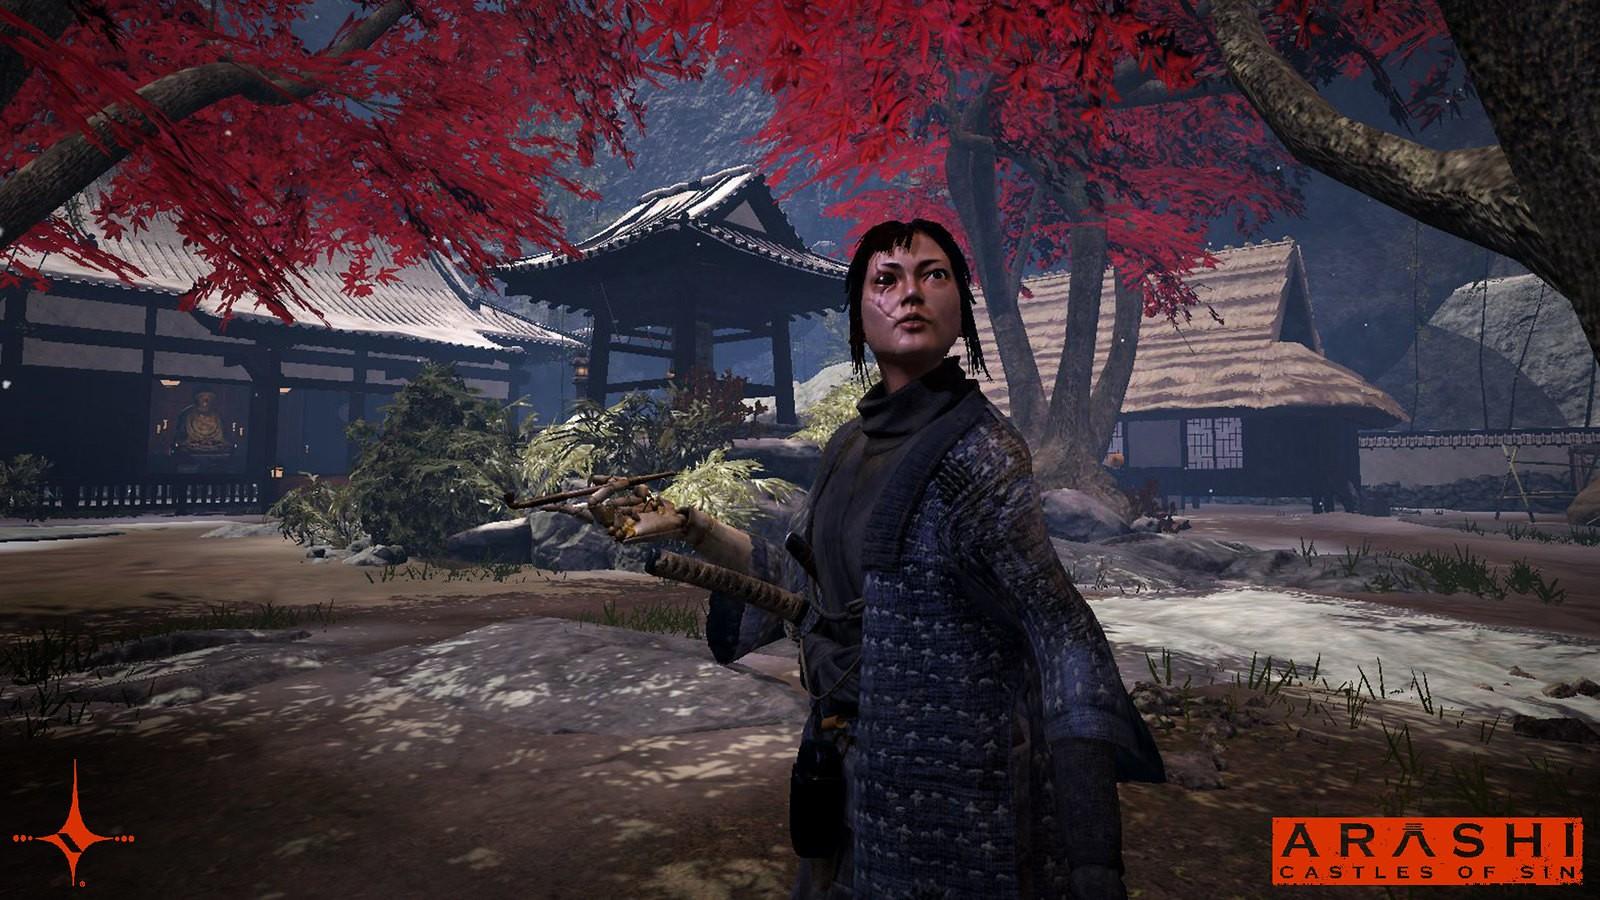 开放世界忍者VR游戏《岚:罪恶之城》今夏登陆PSVR